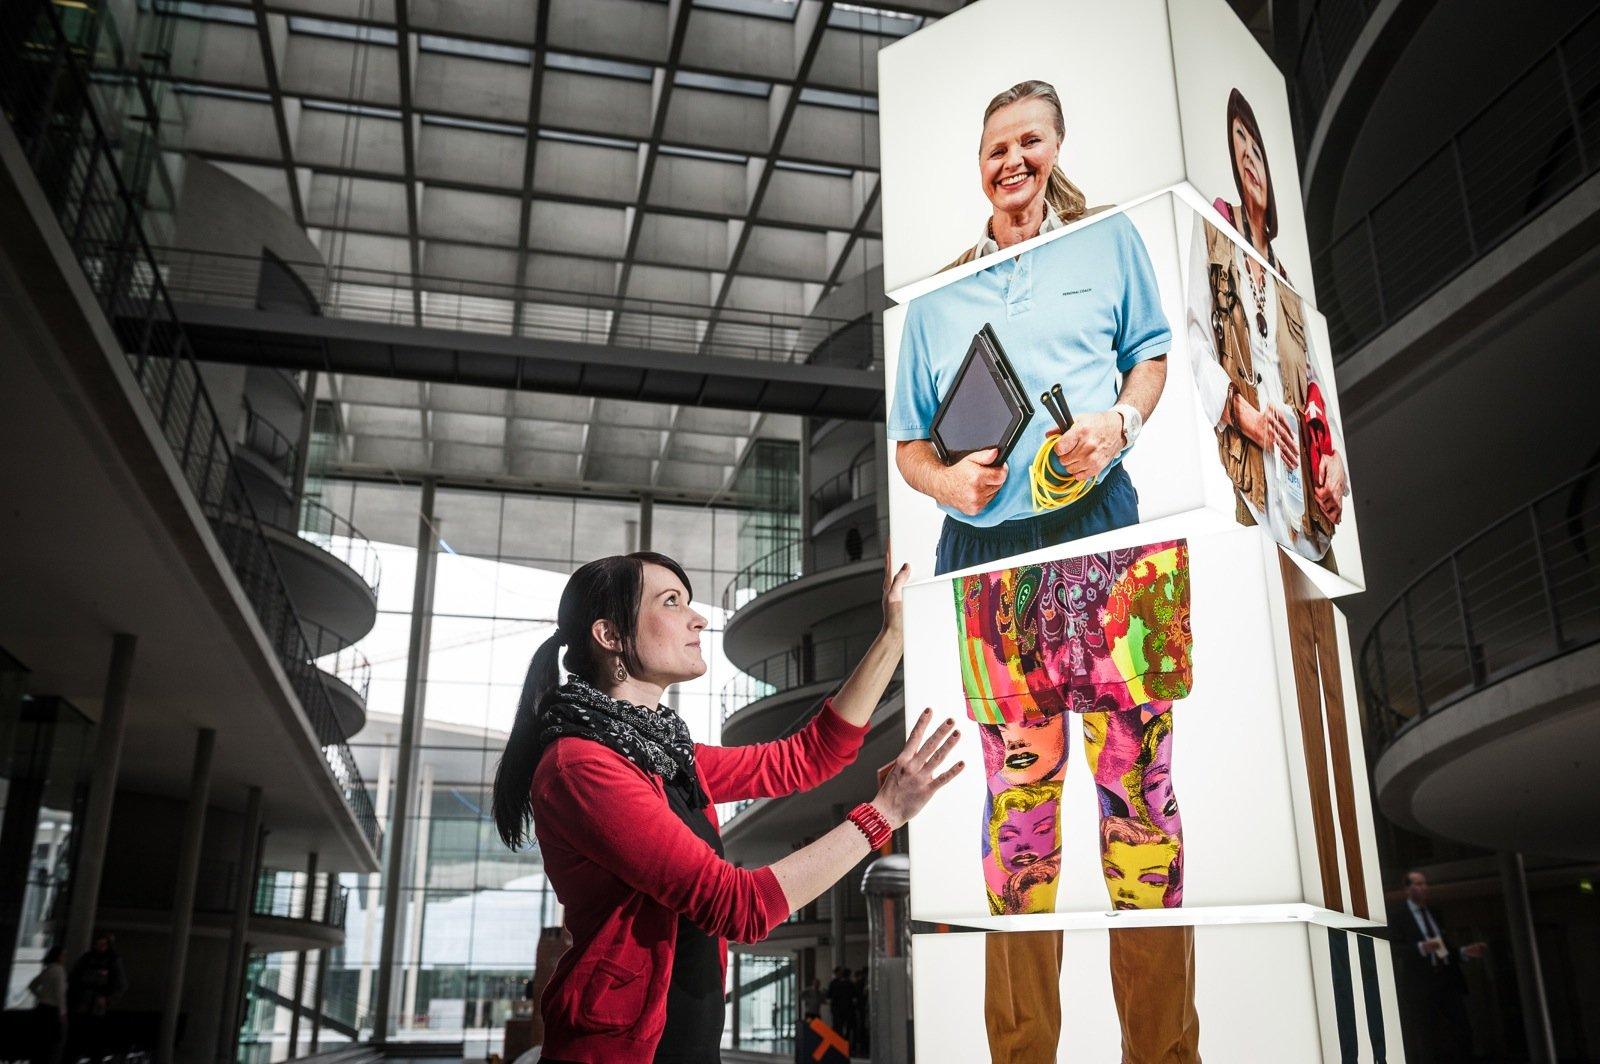 Mit 65 Jahren noch einmal durchstarten und Designerin werden: So könnte ein selbstbestimmtes Leben im Alter laut der Ausstellung Ideen 2020 aussehen.